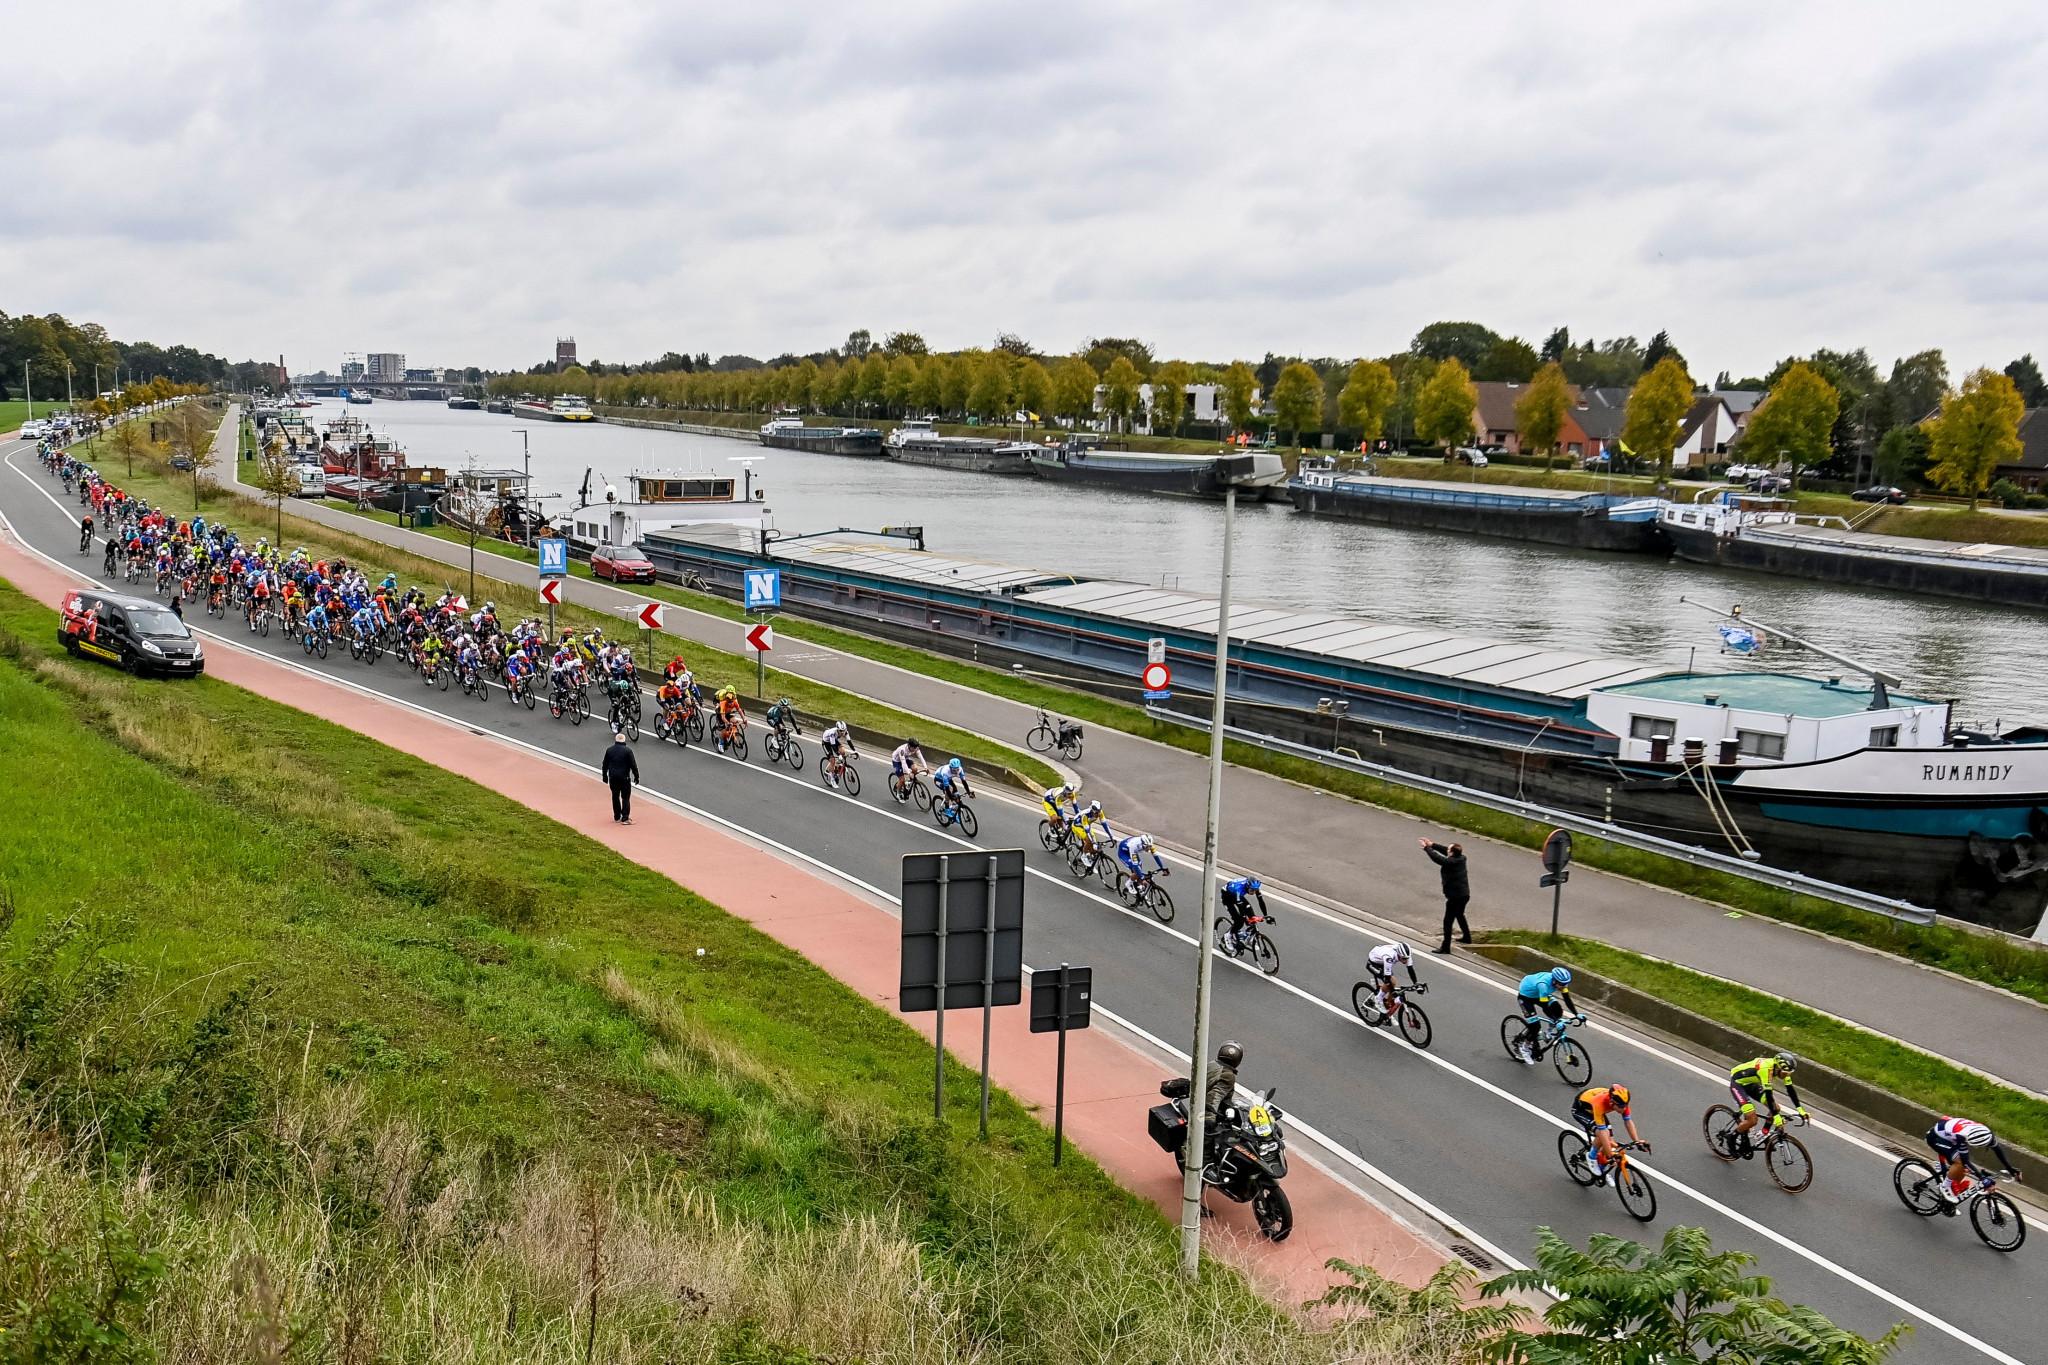 Junta de la Fundación Antidopaje de Ciclismo Completo renuncia antes del cambio del deporte